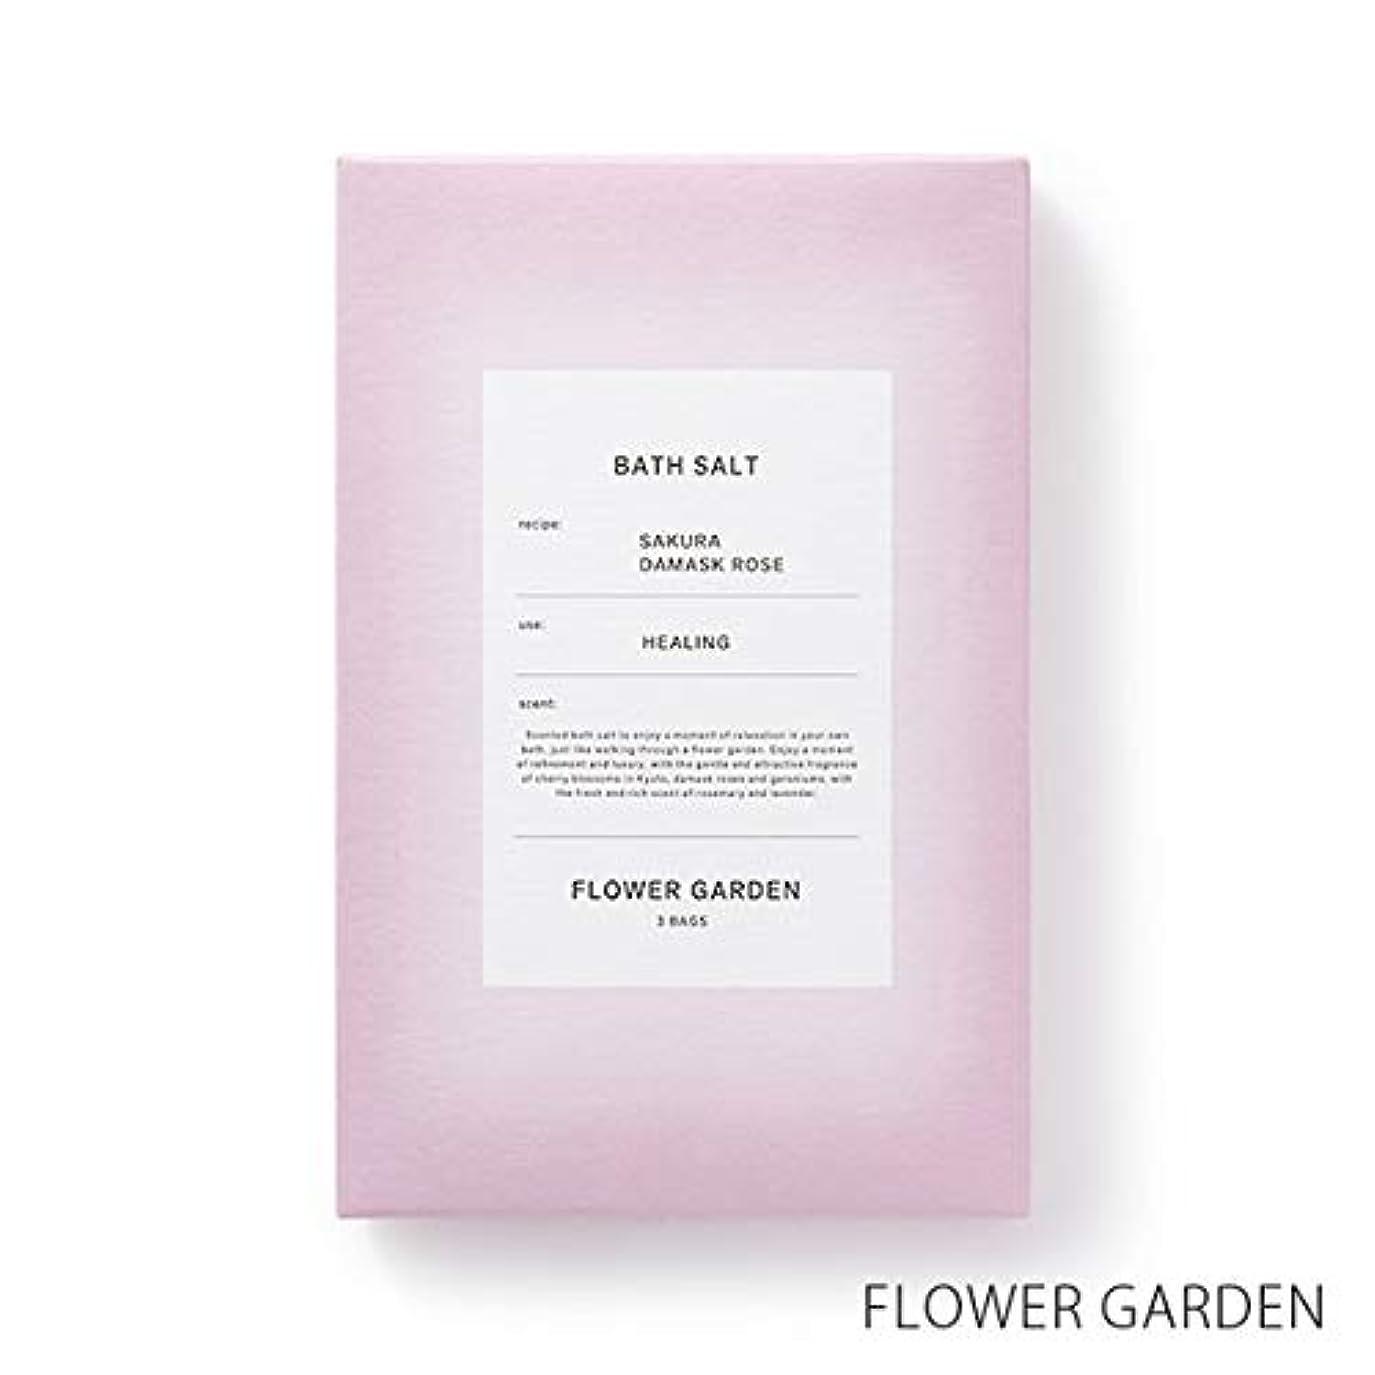 ずんぐりしたフォーカス休憩【薫玉堂】 バスソルト FLOWER GARDEN 花の庭 ピンク 和 桜の香り